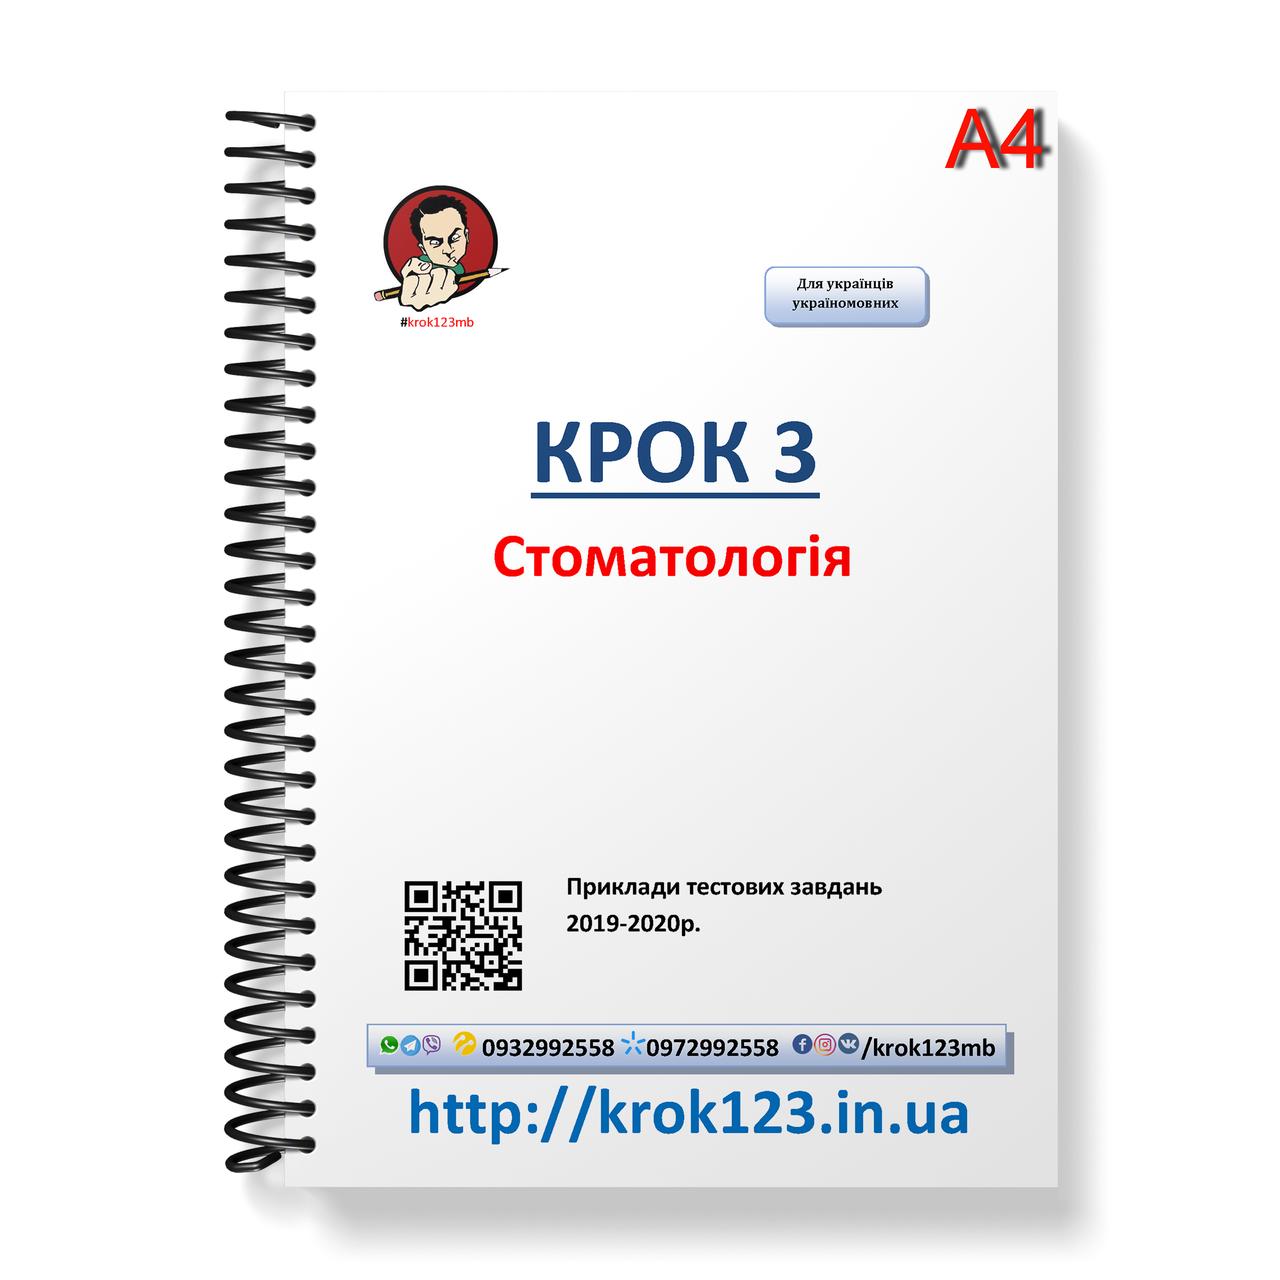 Крок 3. Стоматология. ЕГКЭ (Примеры тестовых заданий) 2019-2020. Для украинцев украиноязычных. Формат А4